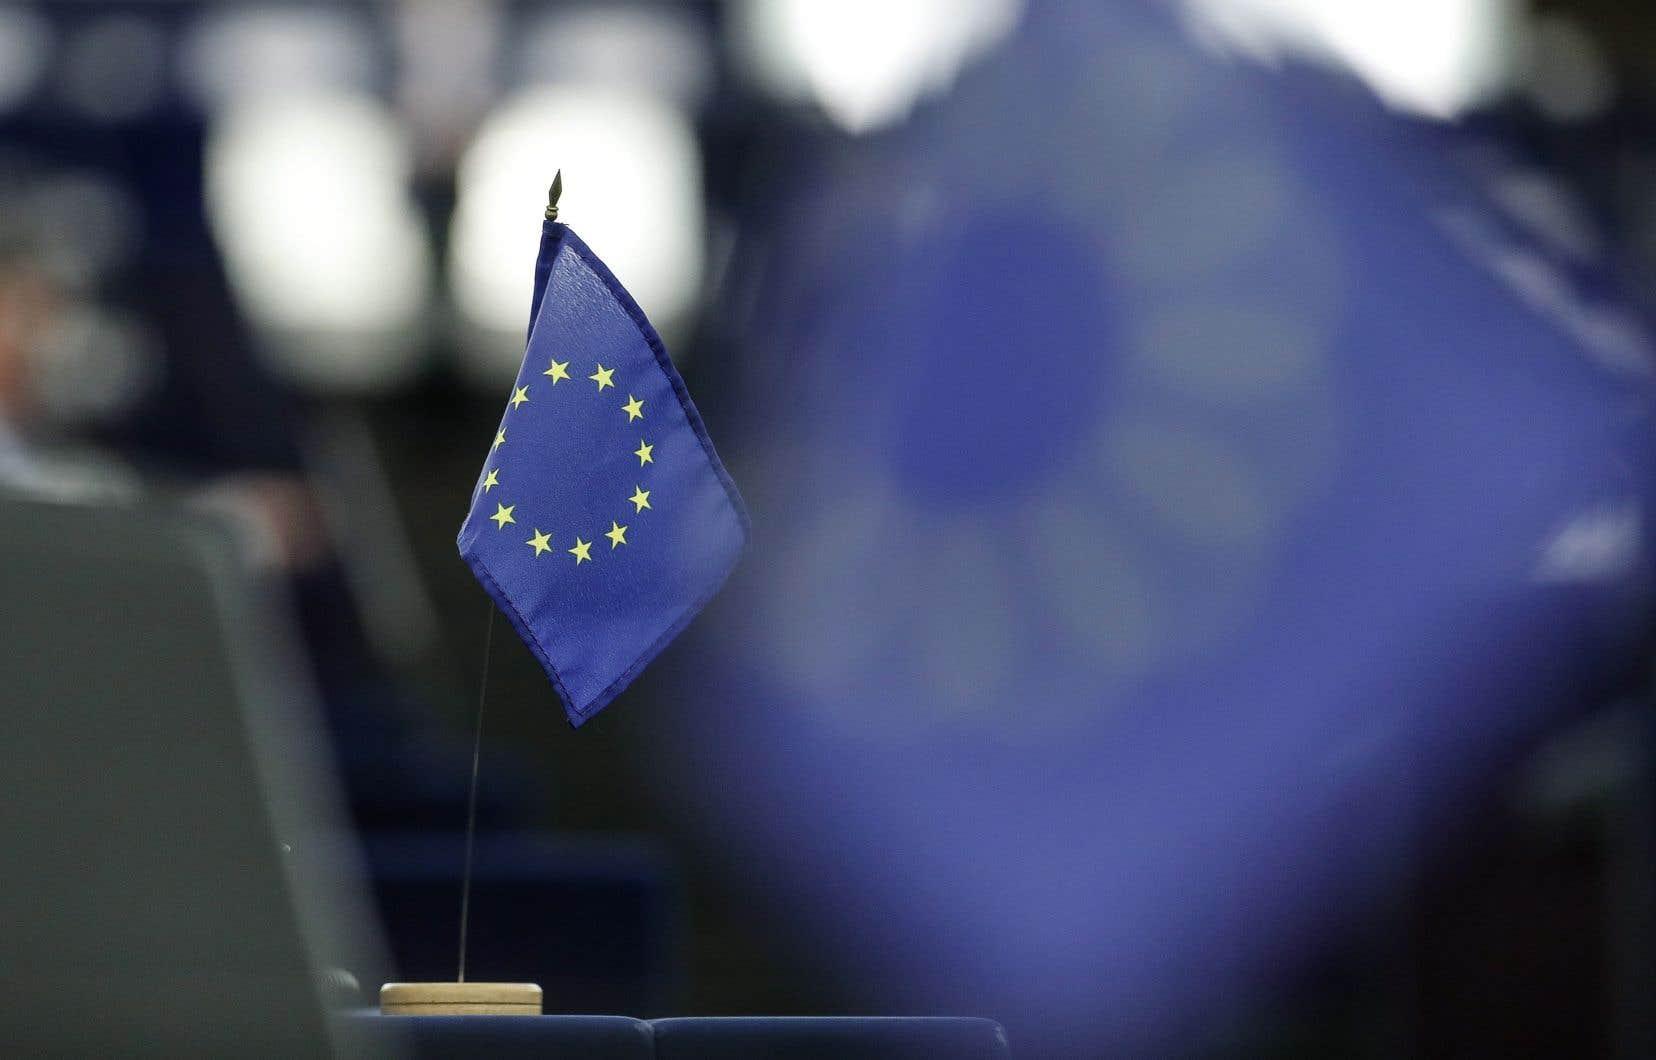 La présidente de la Commission européenne, Ursula von der Leyen, a mentionné en vidéoconférence vendredi qu'elle souhaite que les dirigeants de la planète s'unissent afin d'amasser environ 11,4milliards $ pour la lutte au coronavirus.